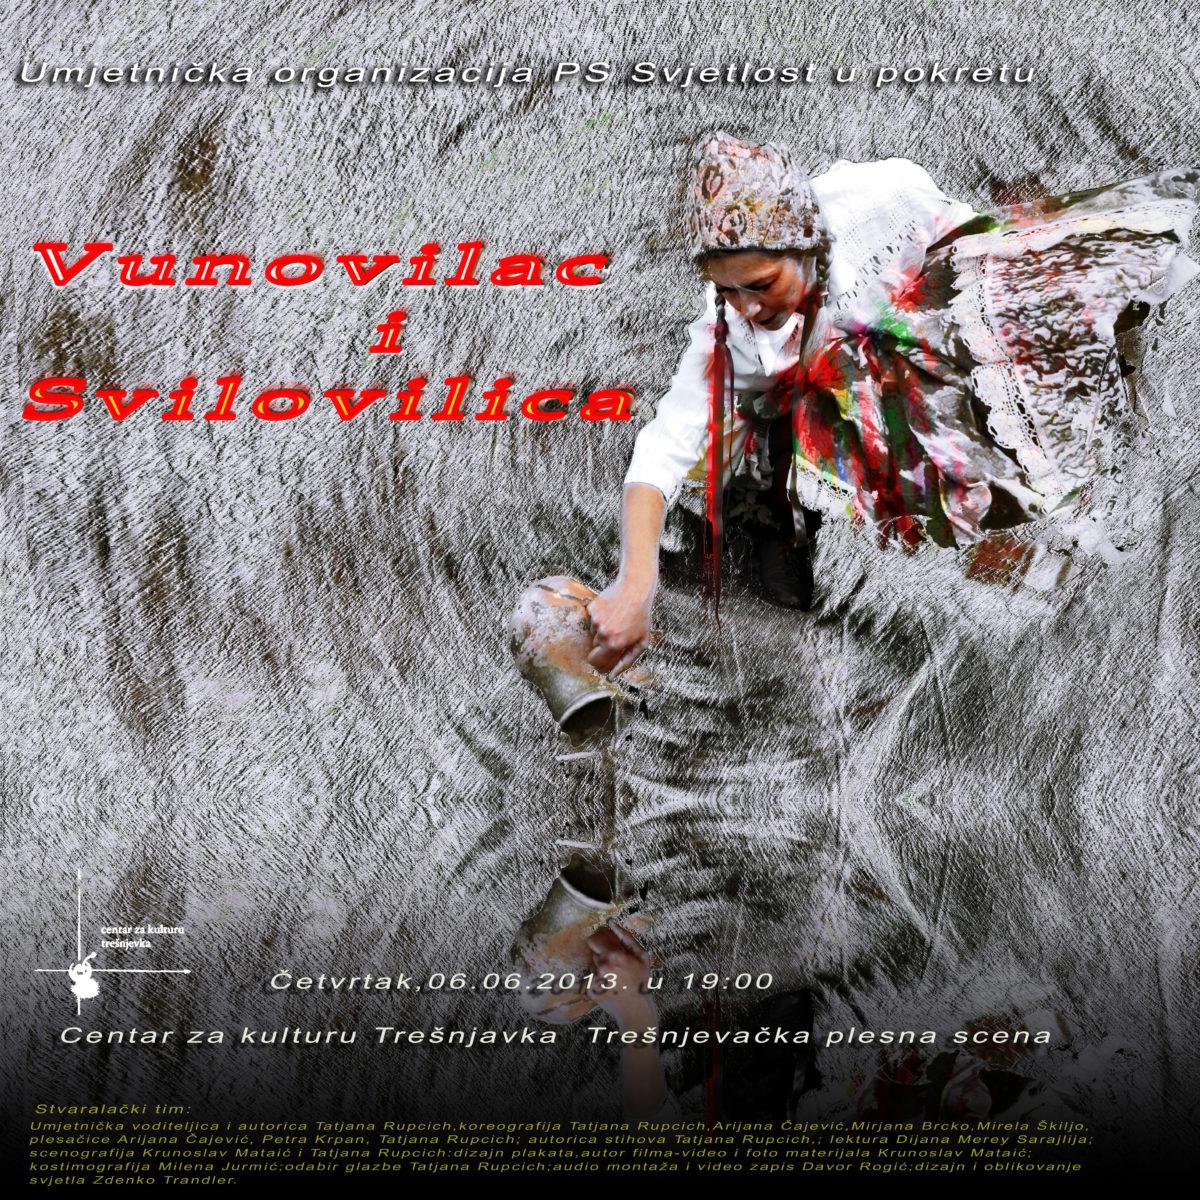 Vunovilac i Svilovilica / plesna predstava Tatjane Rupcich / 6. 6. / 19:00